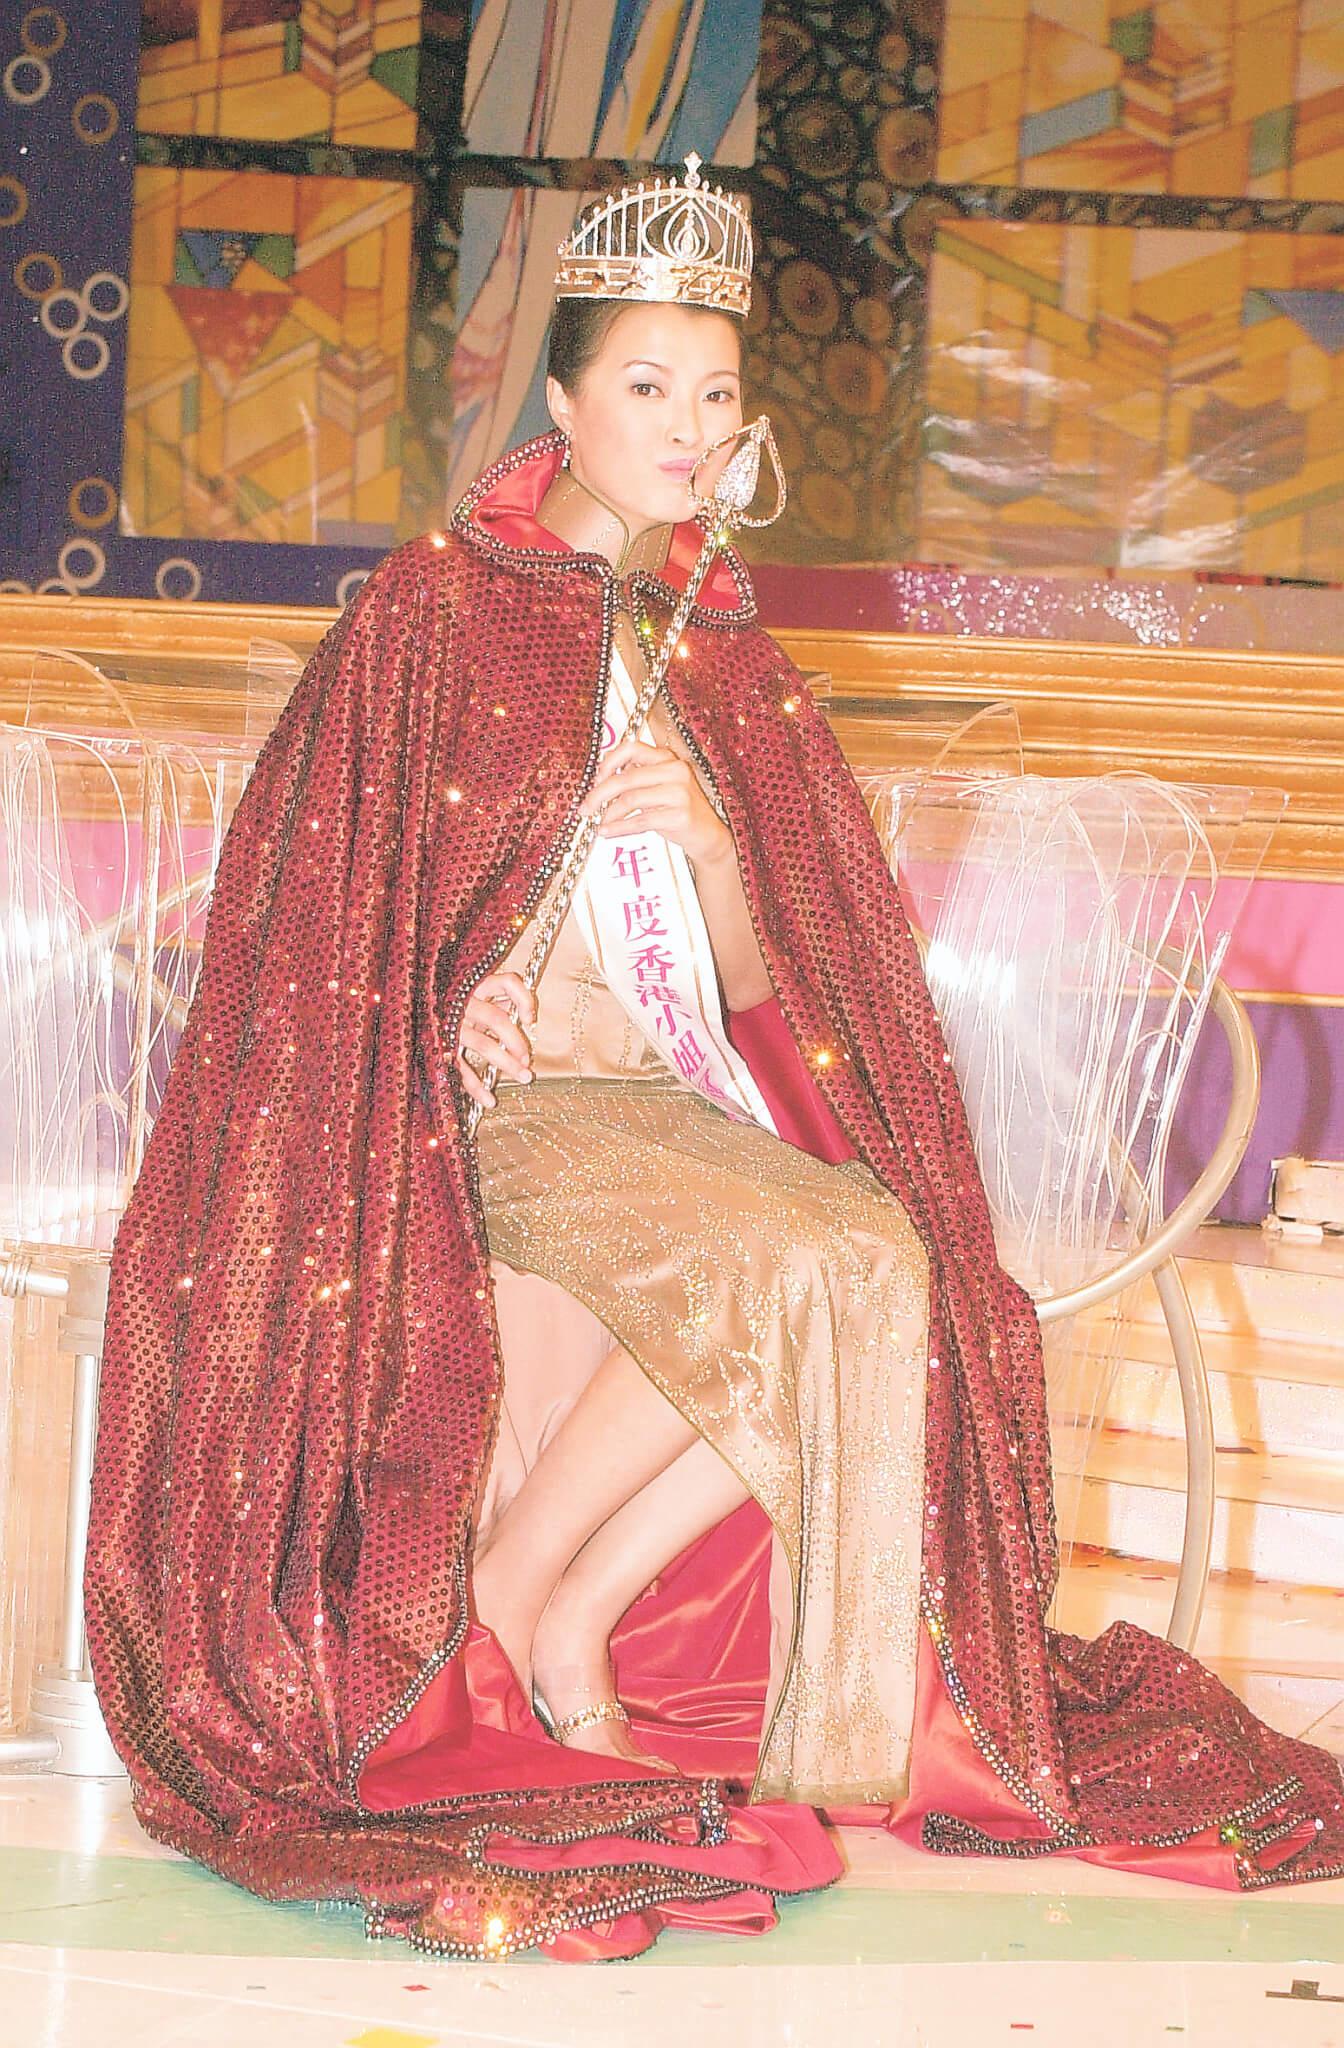 林敏俐 2002年冠軍